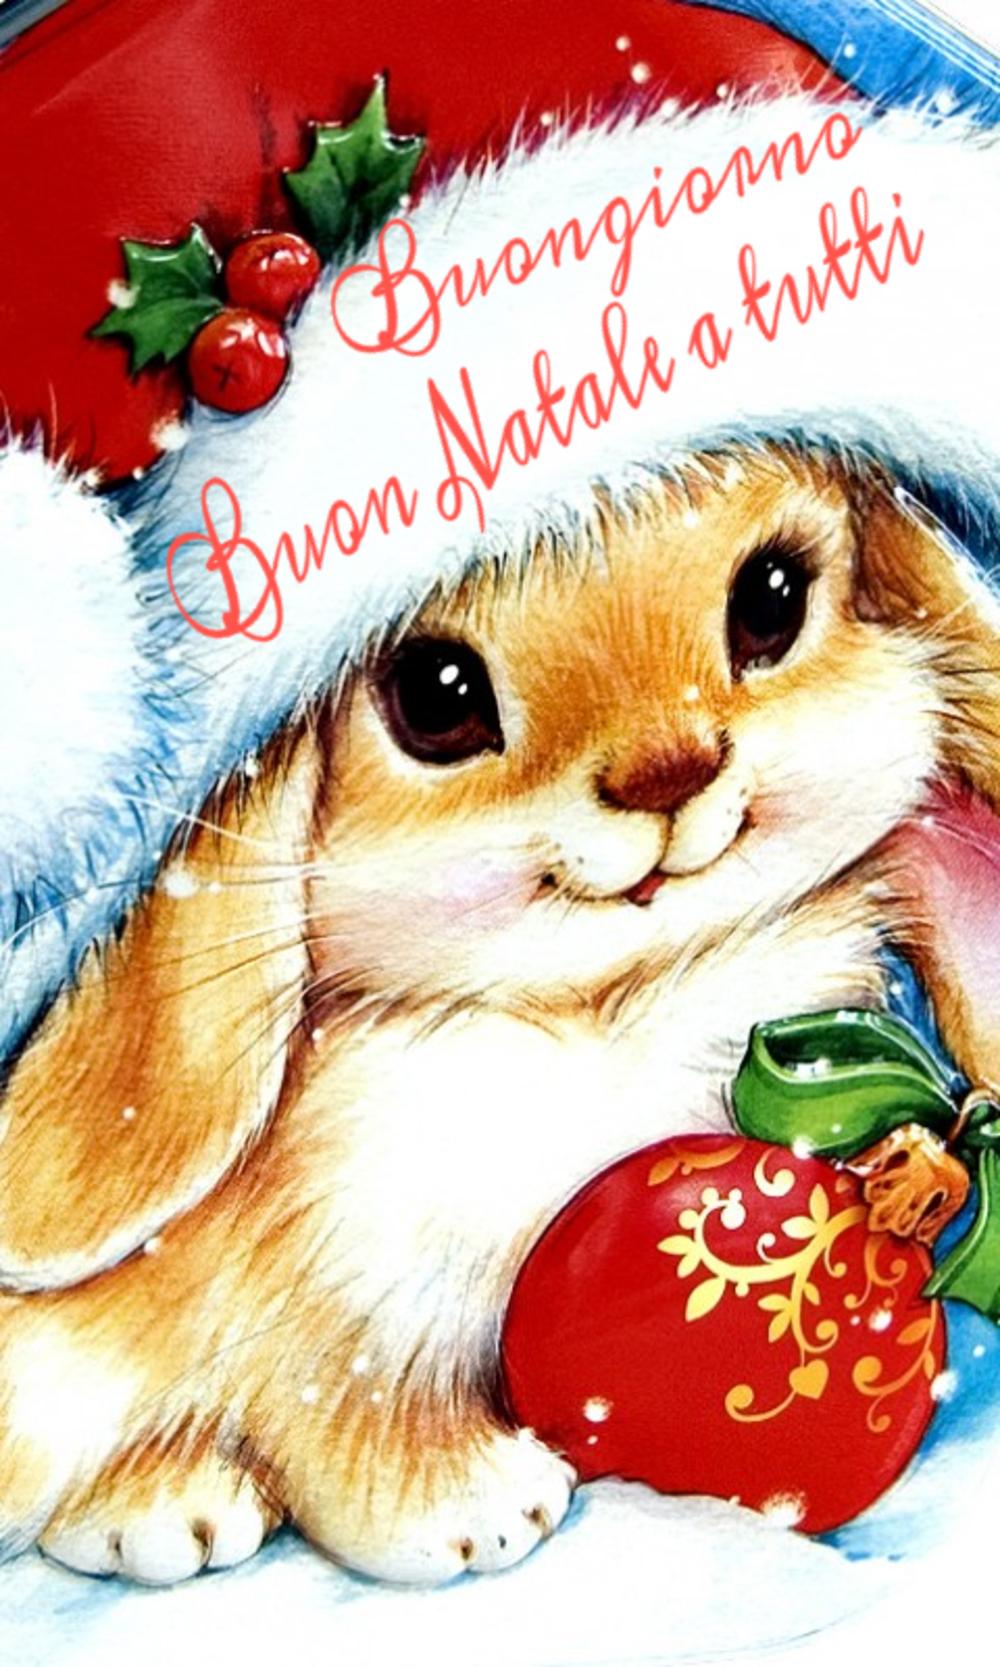 belle immaigni buon natale coniglietto